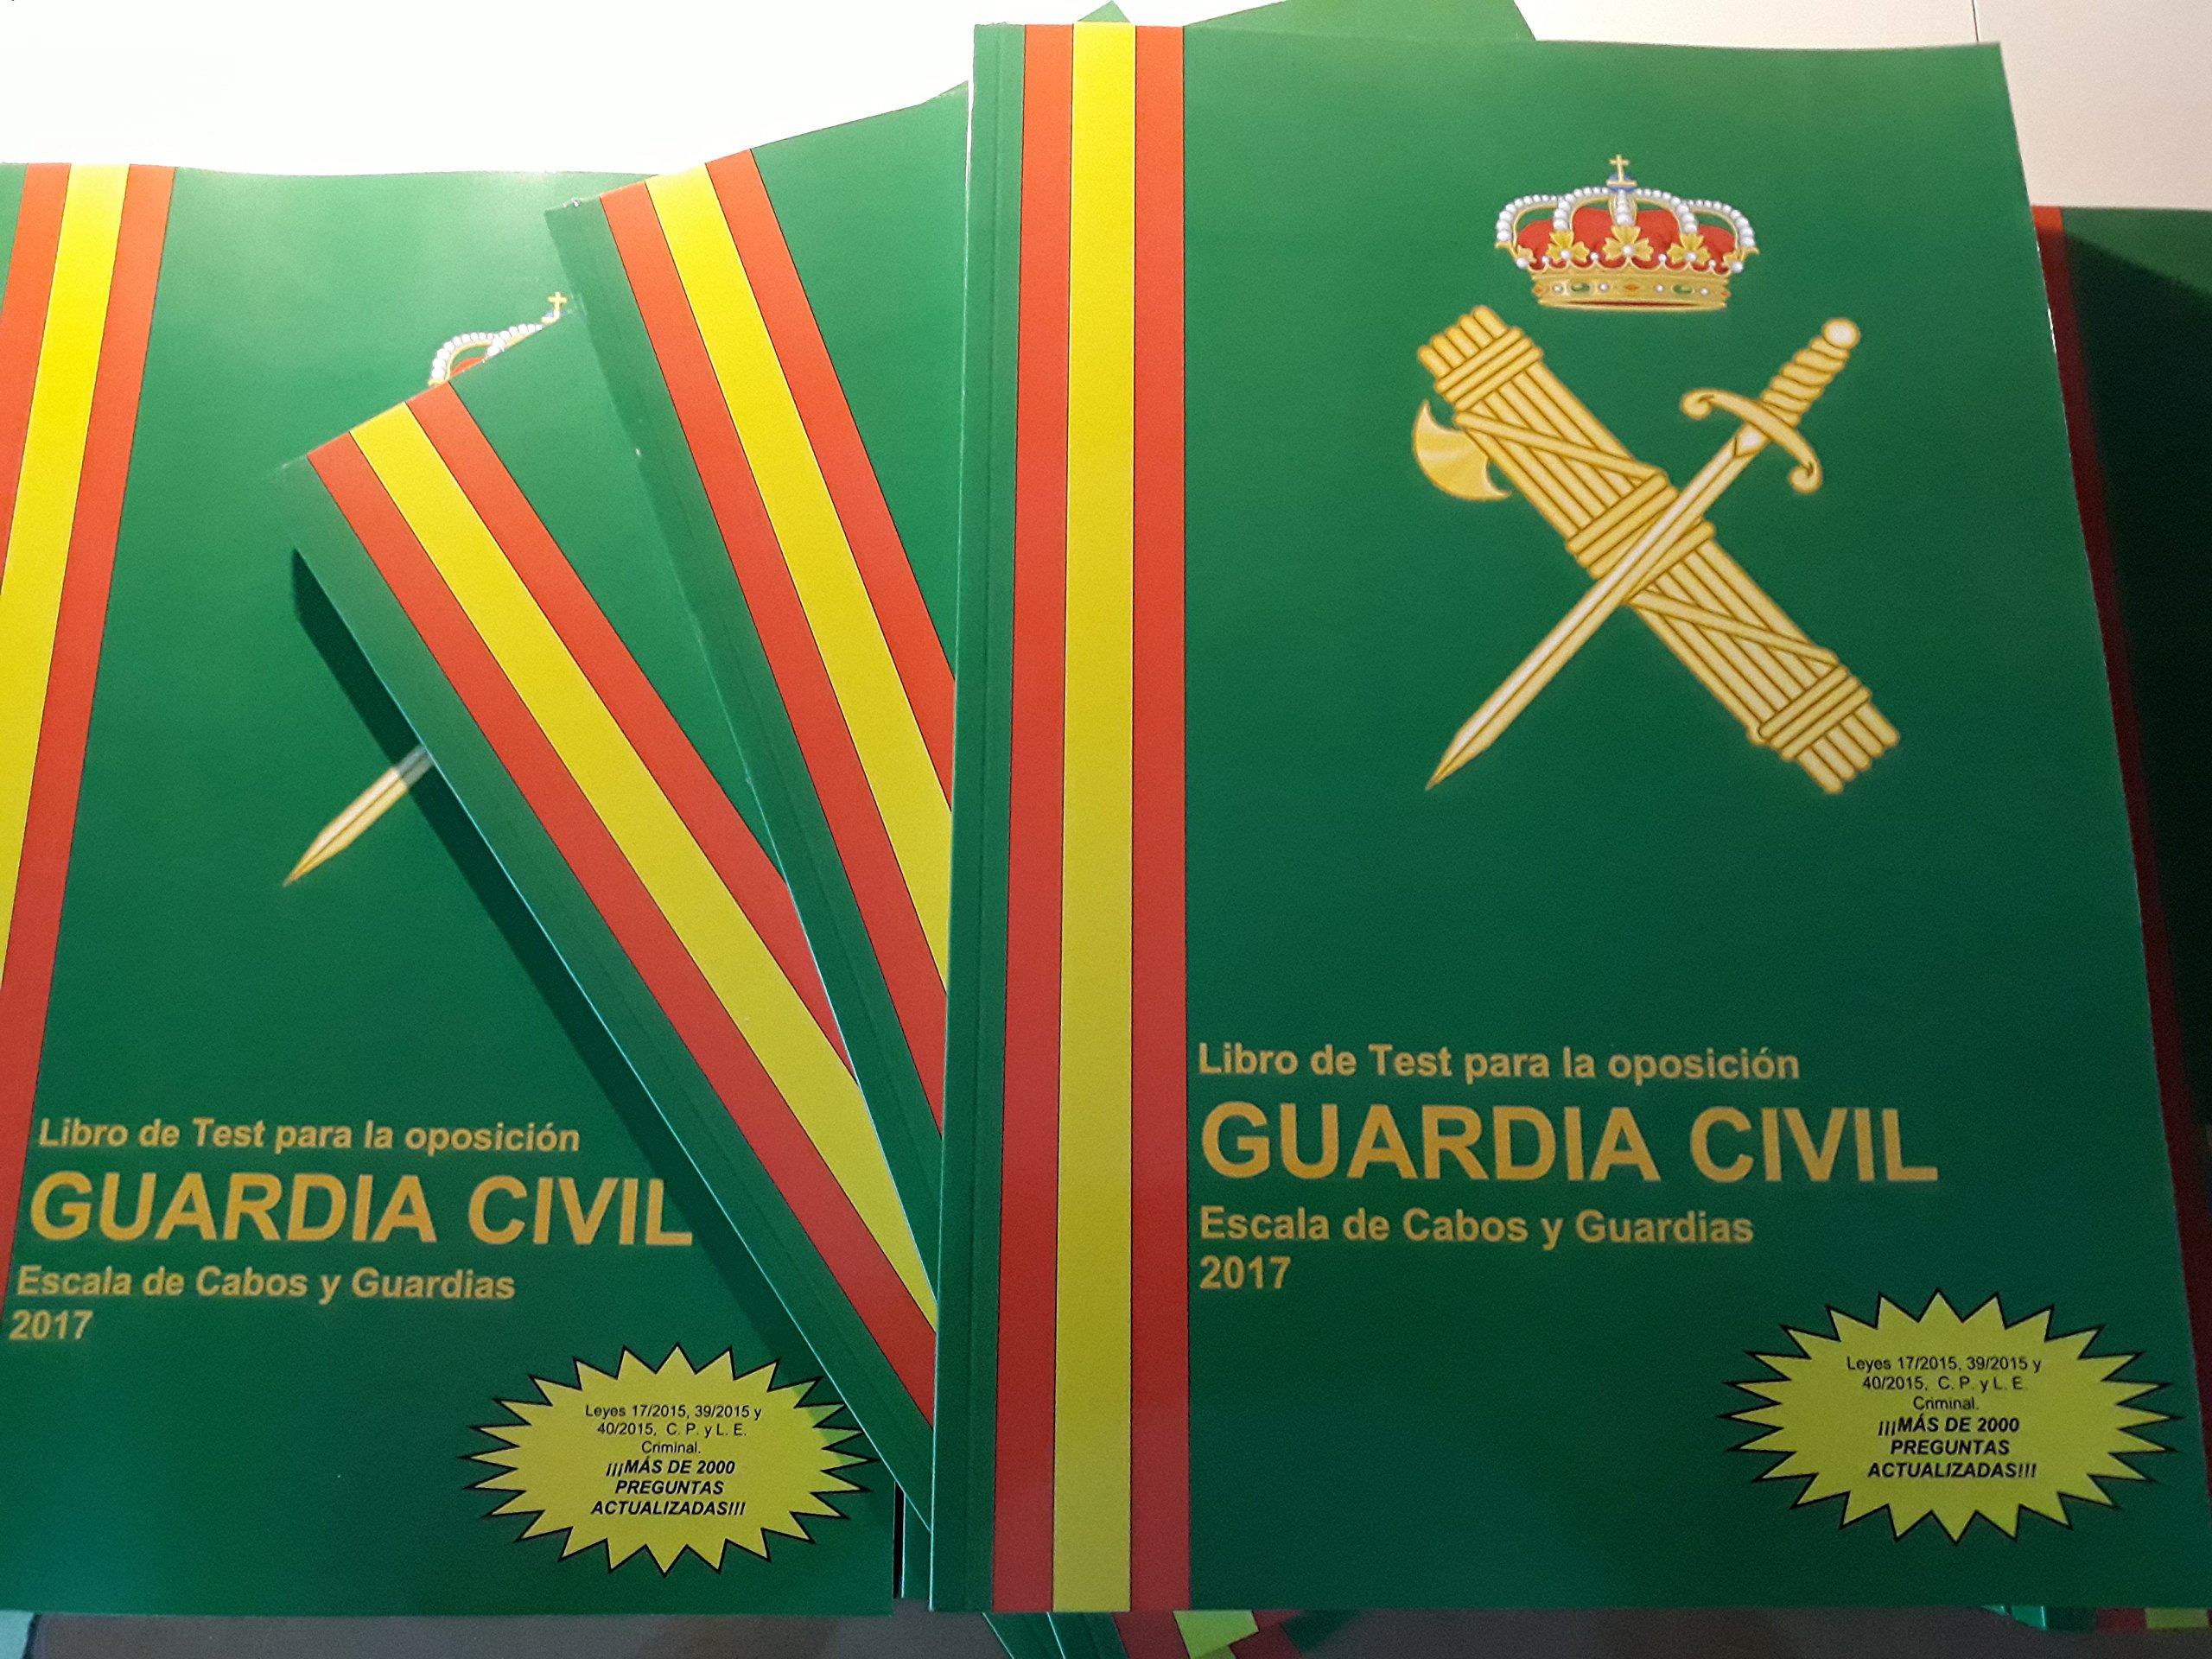 Libro de test para la oposición Guardia Civil 2017 2018: Amazon.es: Ediciones García Salguero: Libros